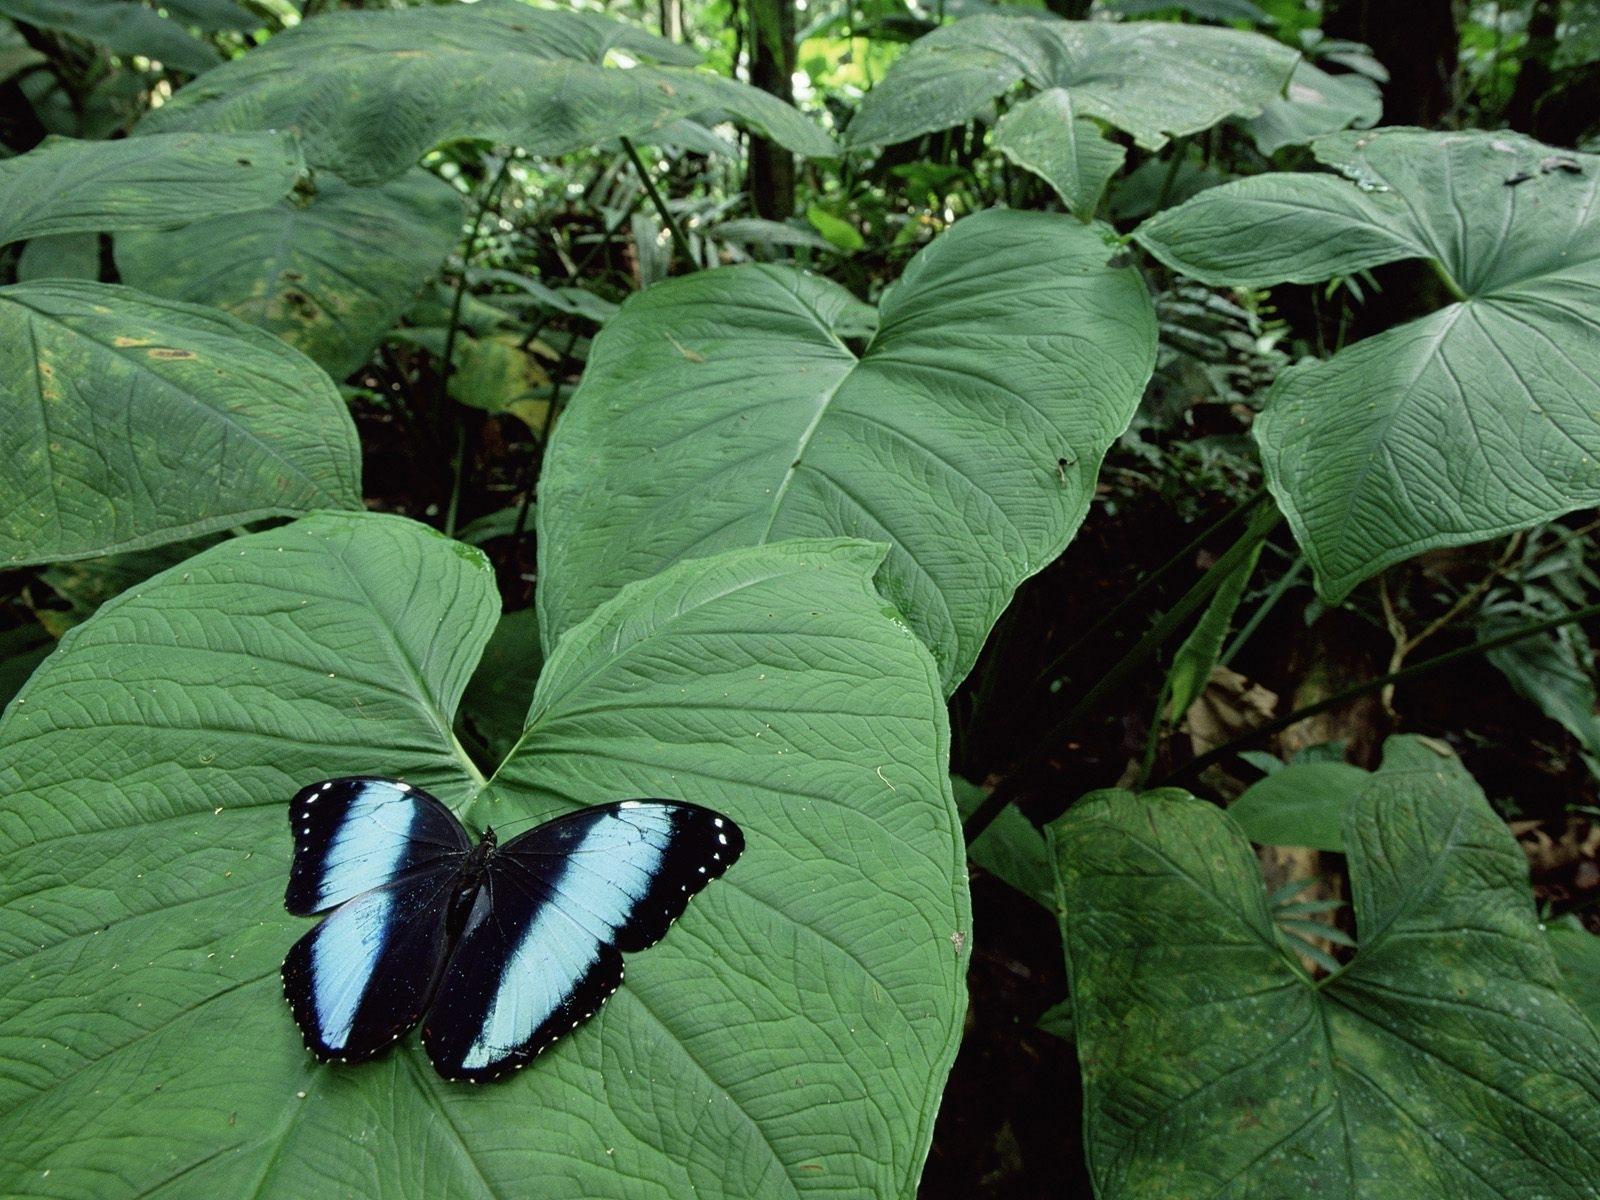 7489 descargar fondo de pantalla Plantas, Mariposas, Insectos, Hojas: protectores de pantalla e imágenes gratis